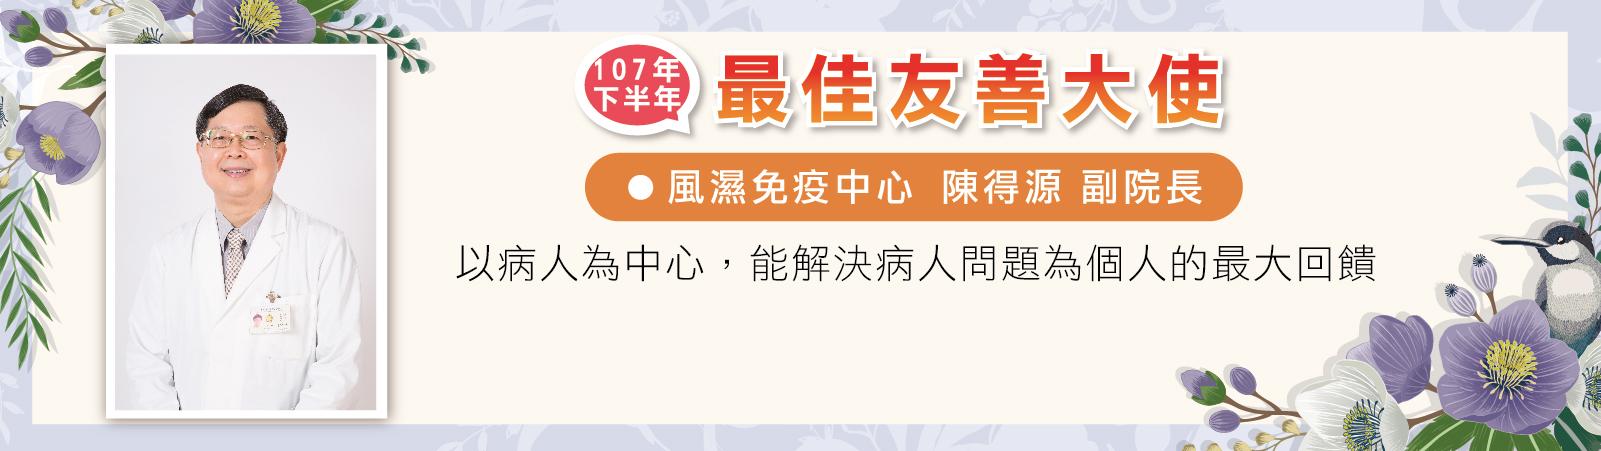 107下最佳友善大使-陳得源醫師